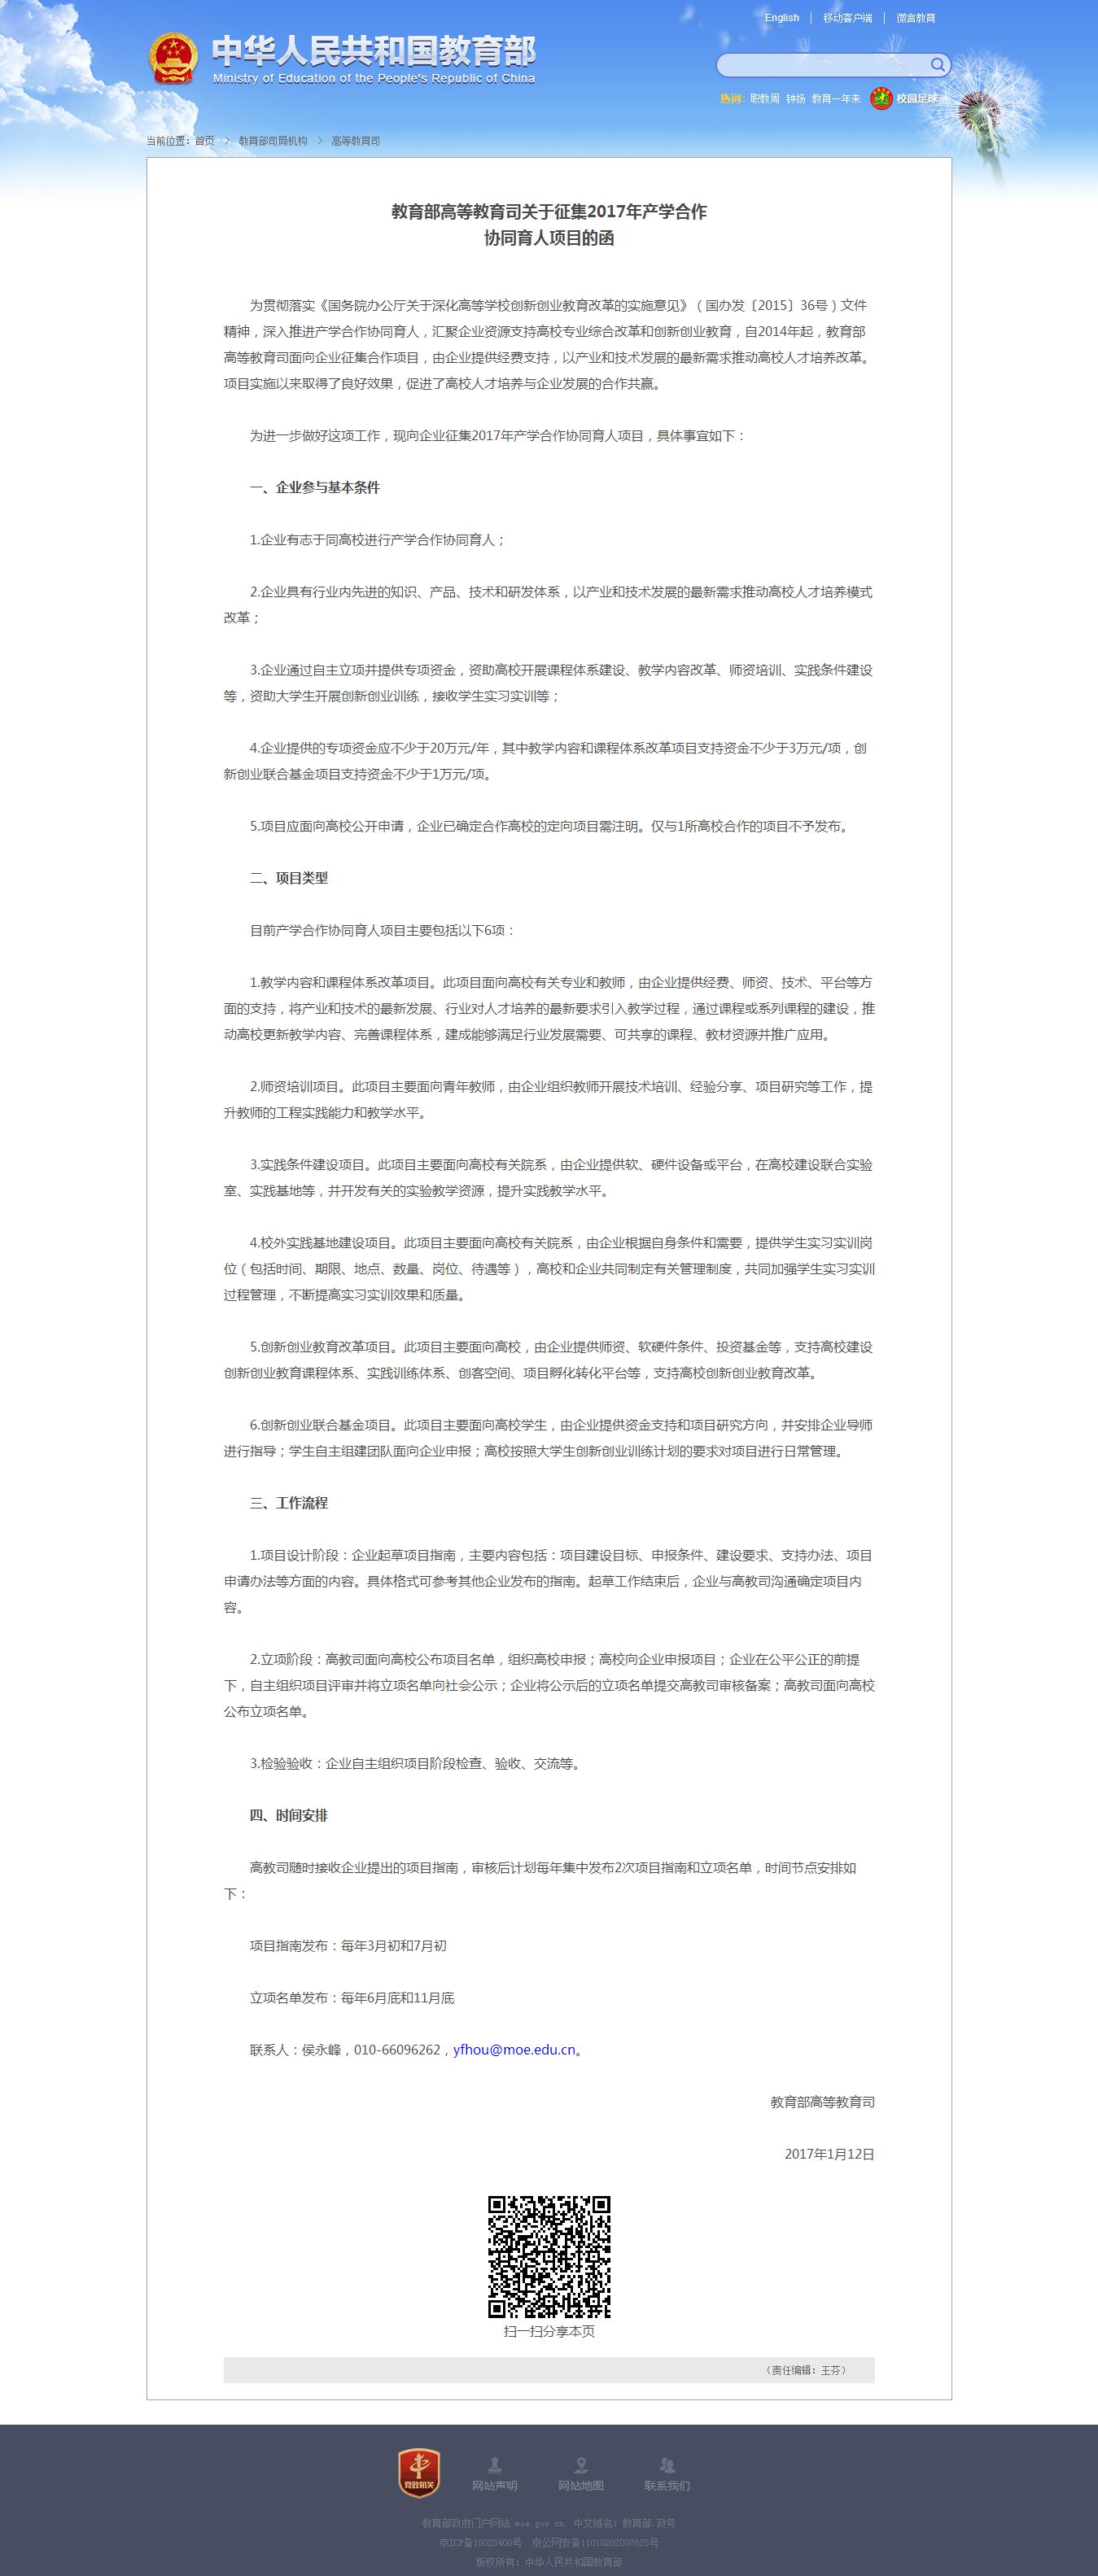 2017年希毕迪产学合作协同育人申报指南第一批